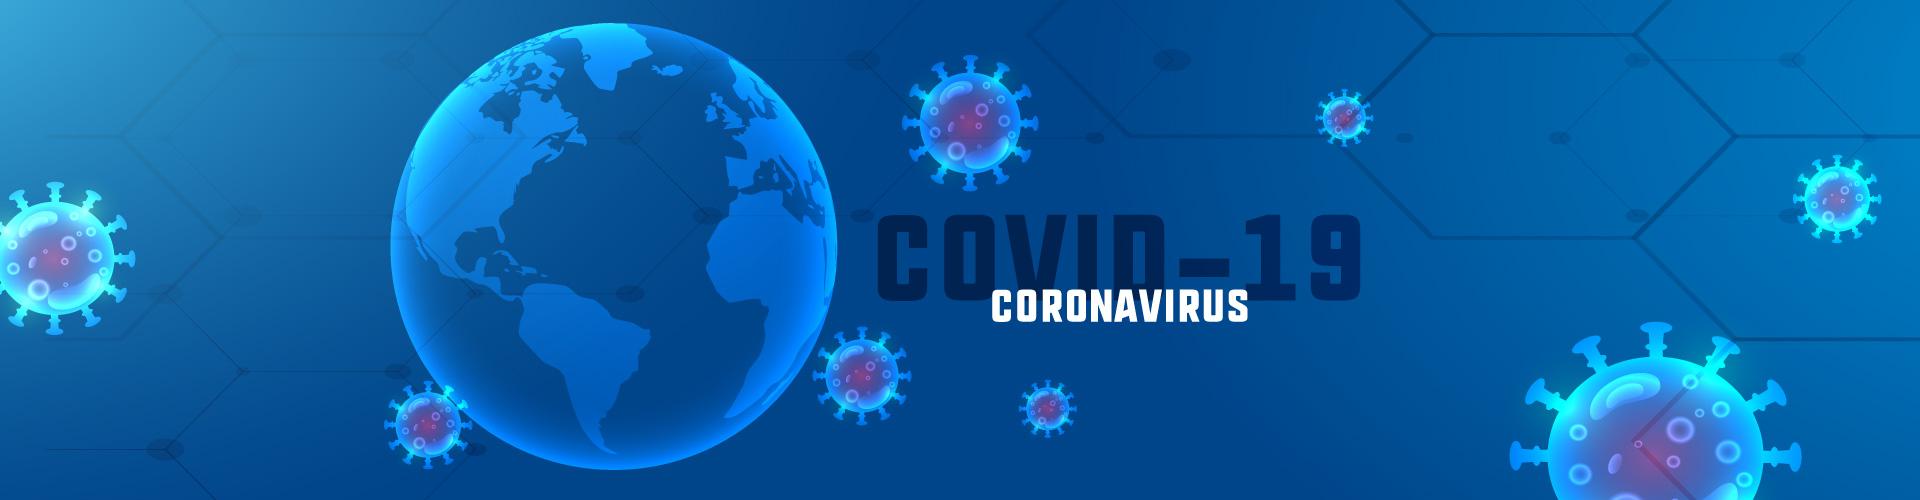 Dépistage du virus covid 19